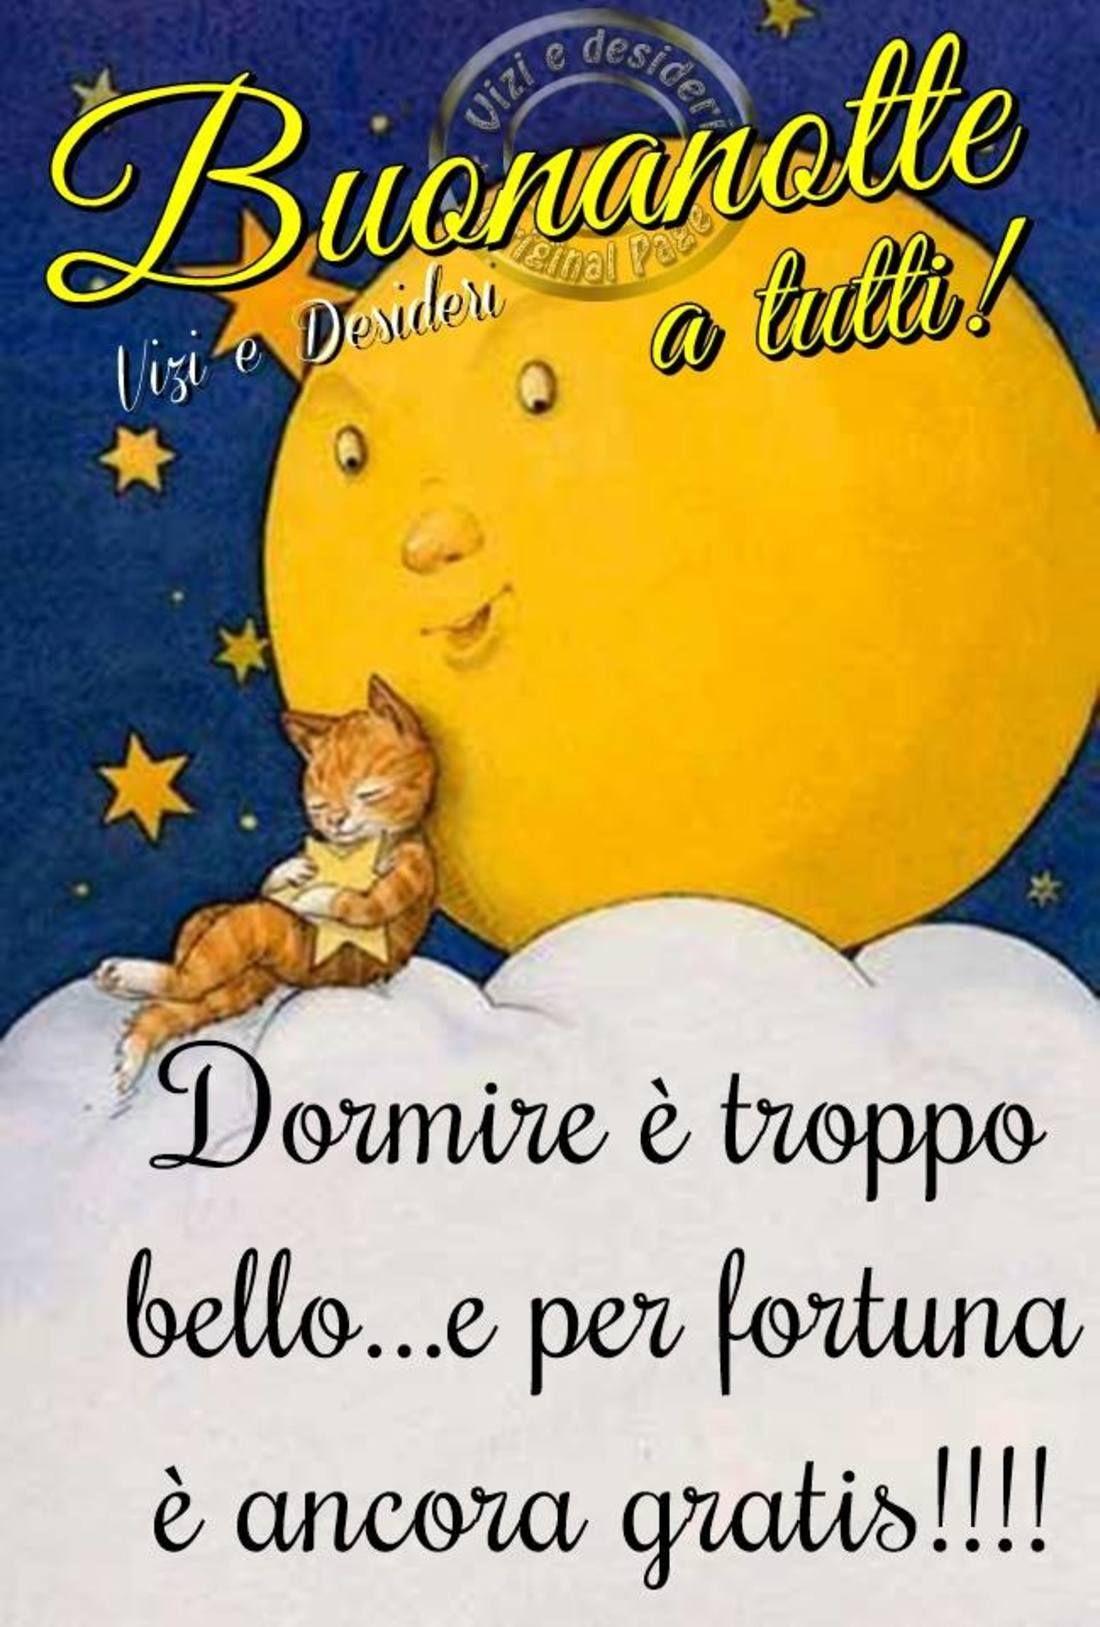 Buona Notte A Tutti Gli Amici 2558 Buonanotte Whatsapp